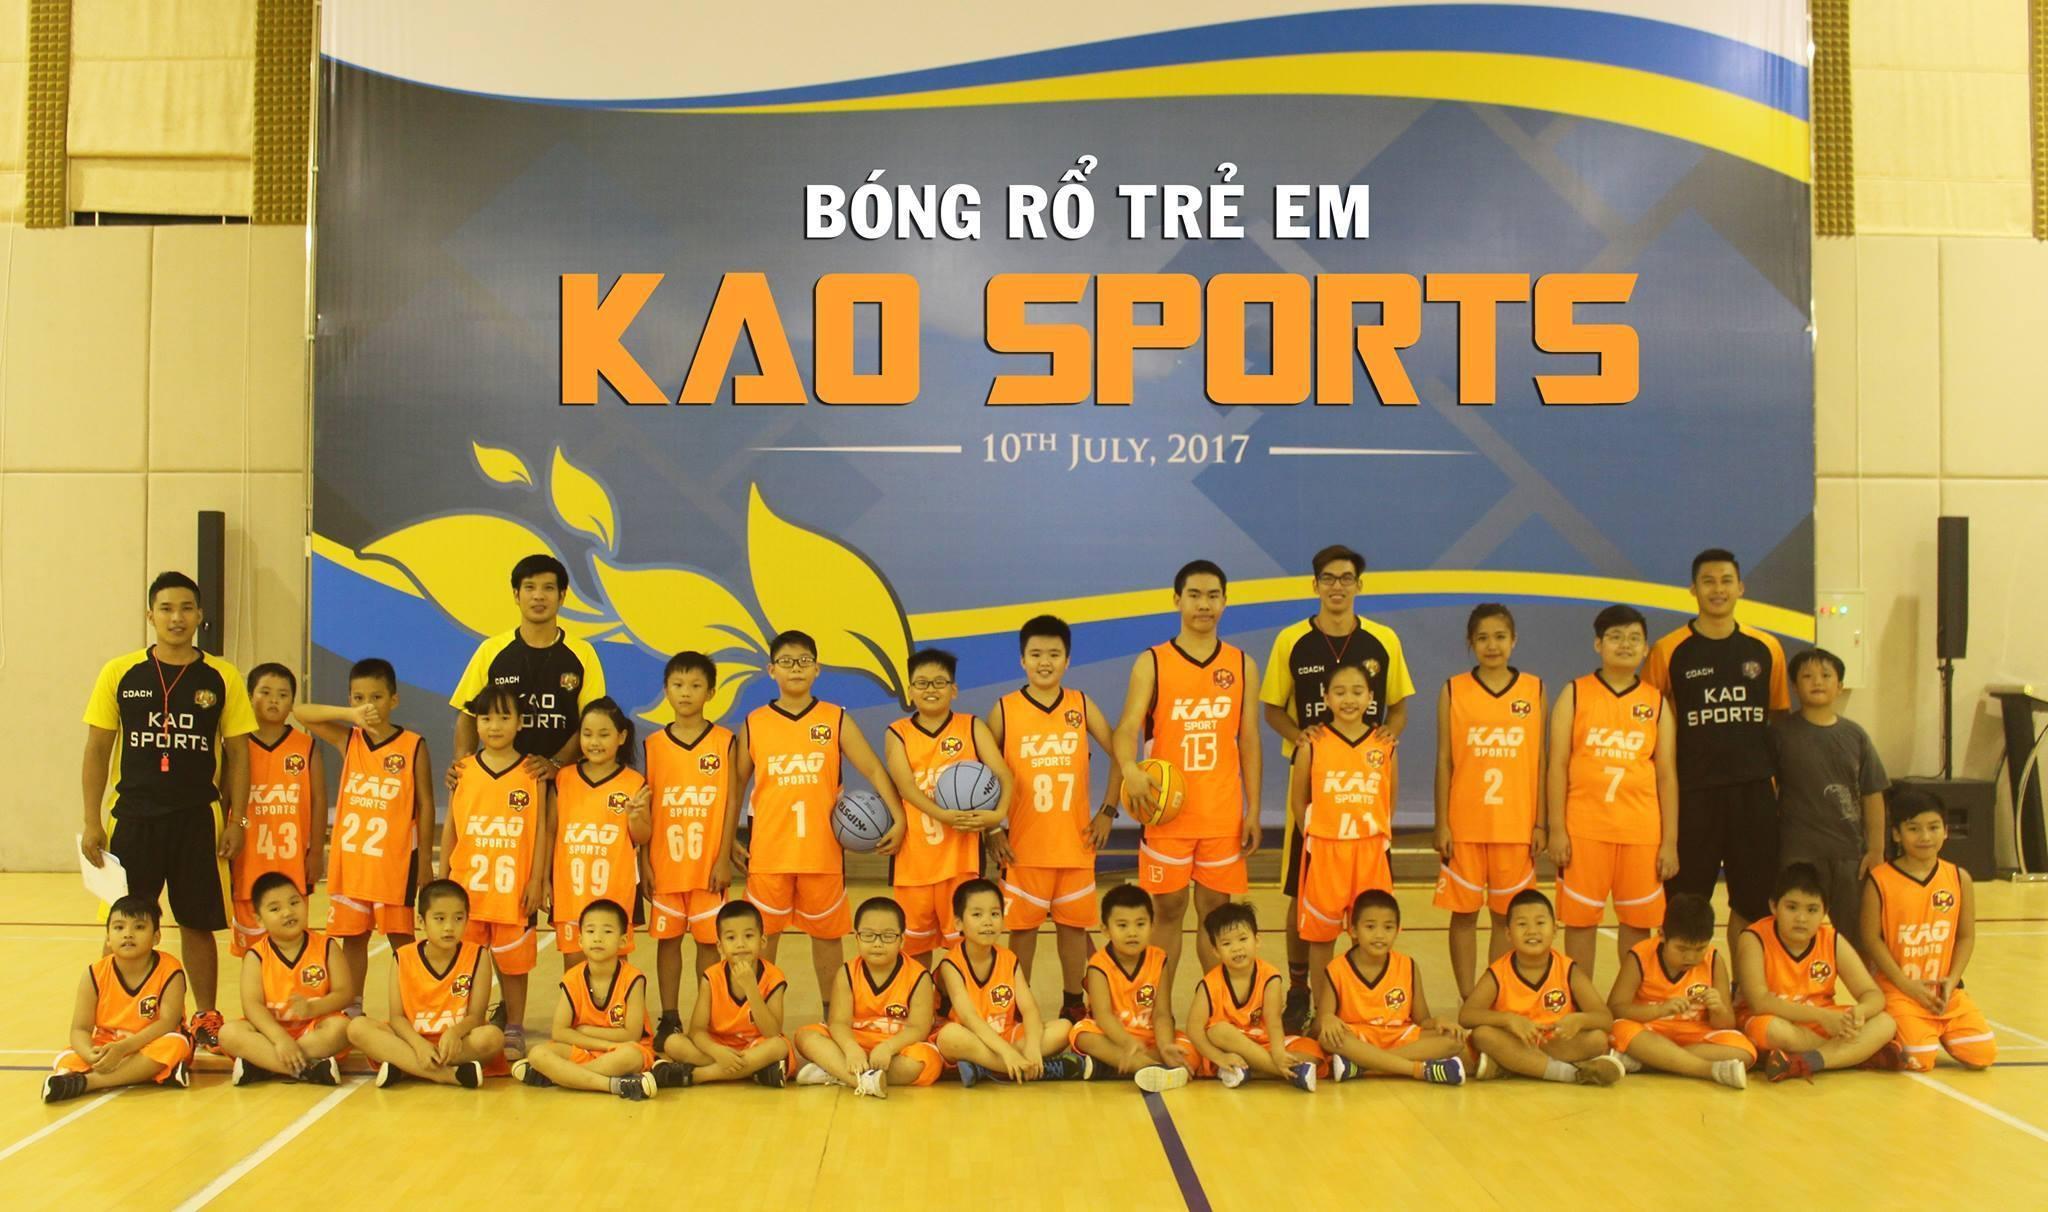 Trung tâm bóng rổ Kaospot (@kaosport) Cover Image